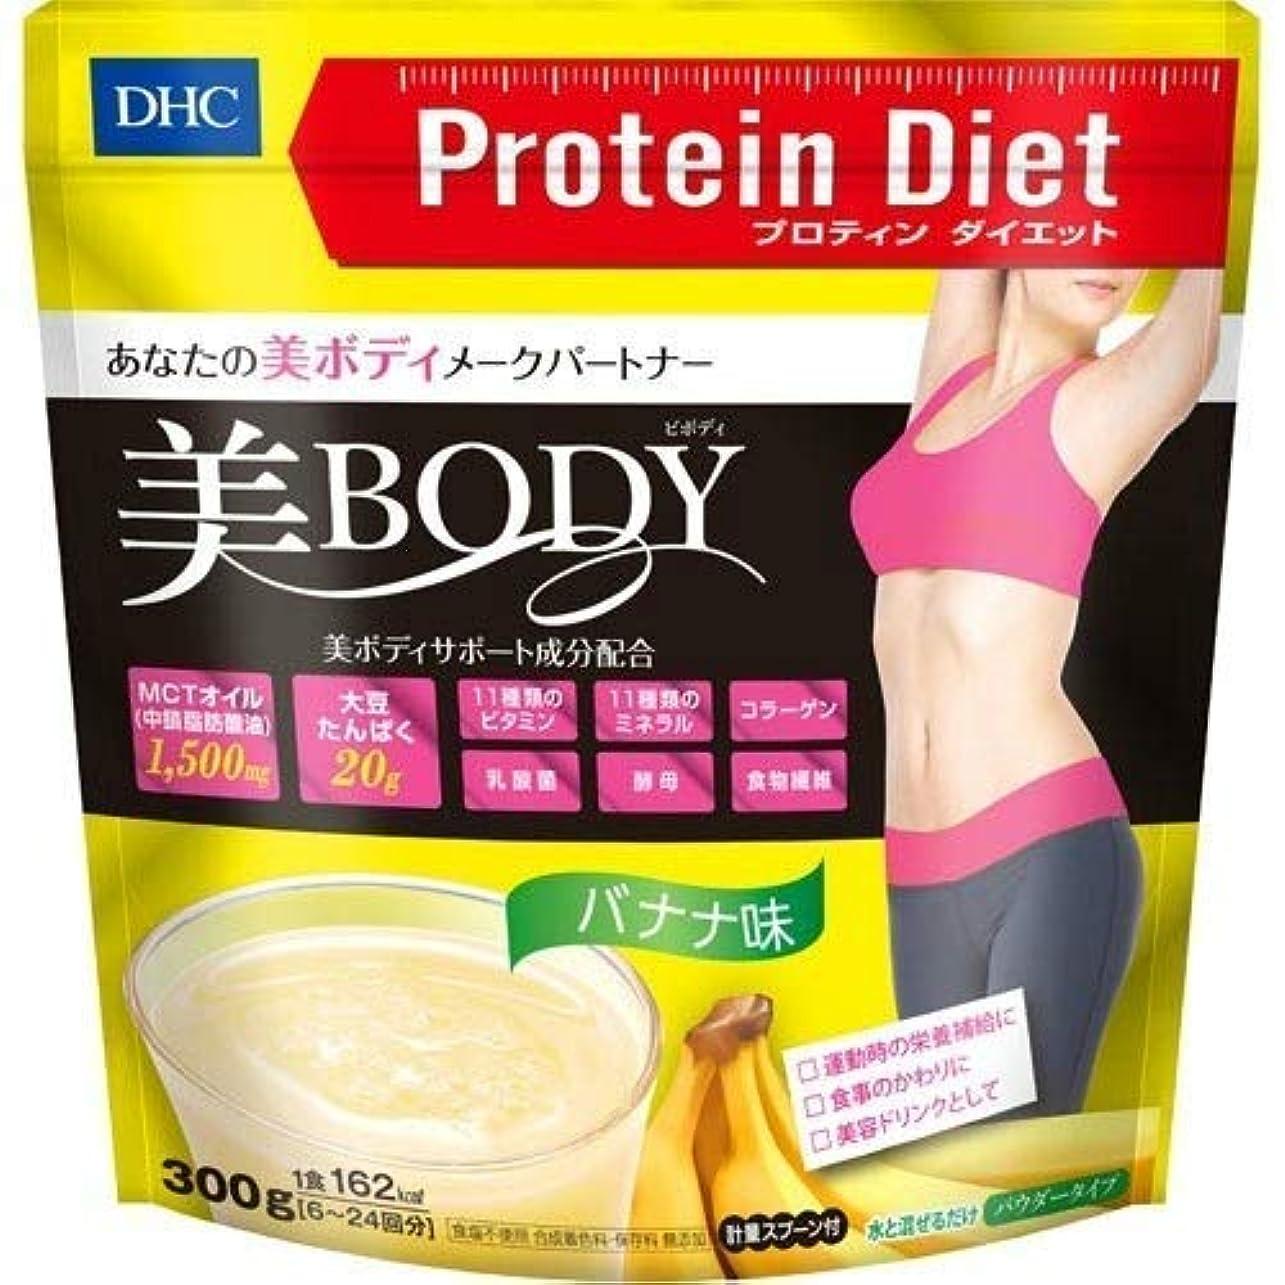 黙同志広がりDHC プロテインダイエット 美Body バナナ味 300g × 48個セット